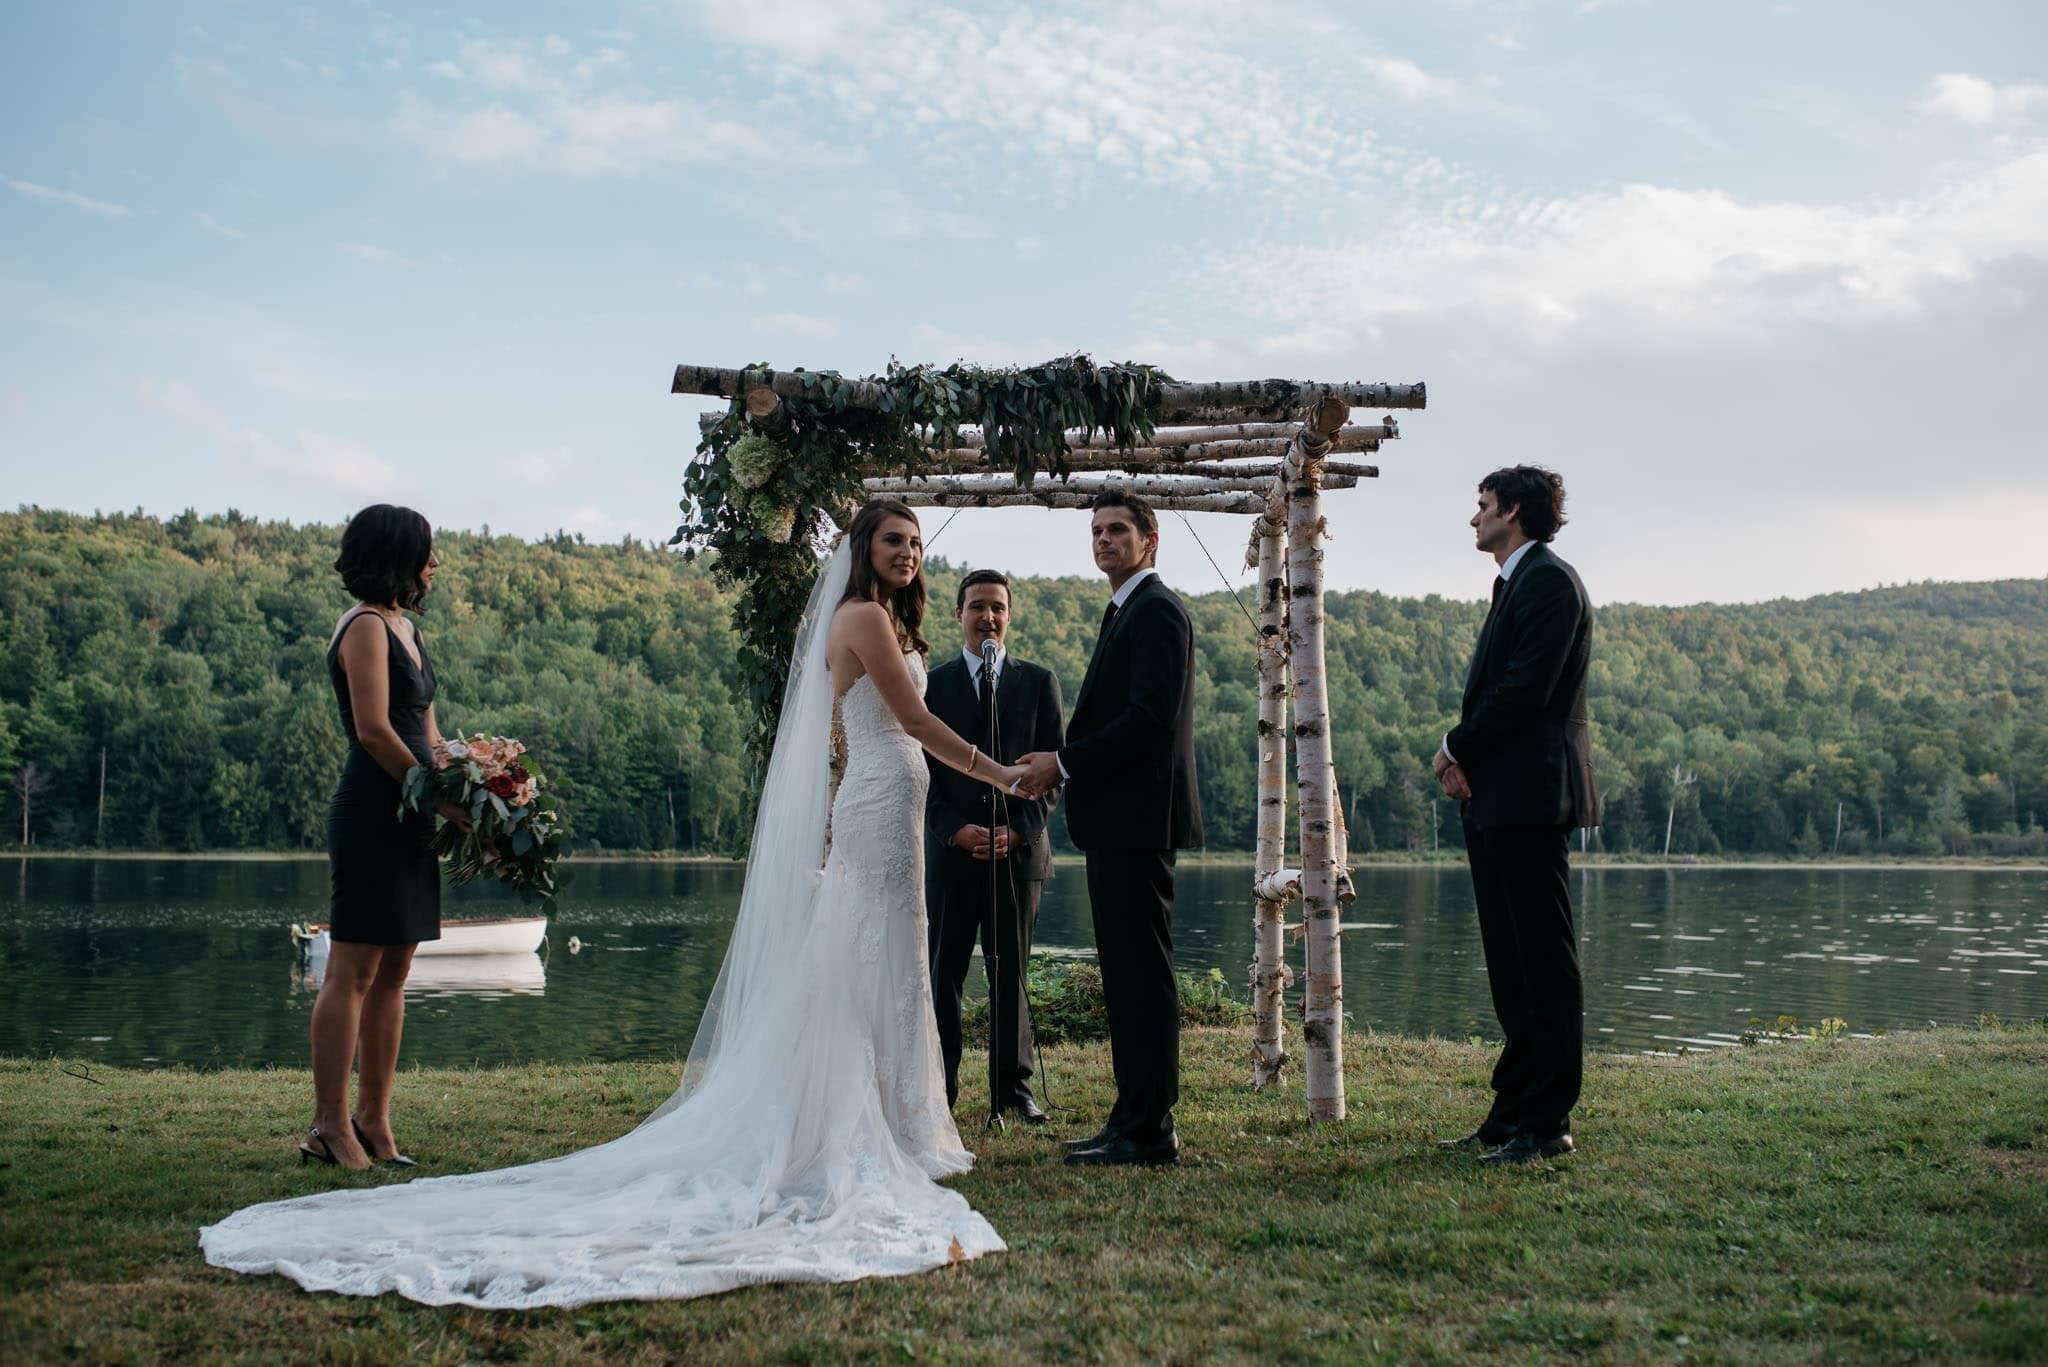 upstate-ny-lake-wedding-33